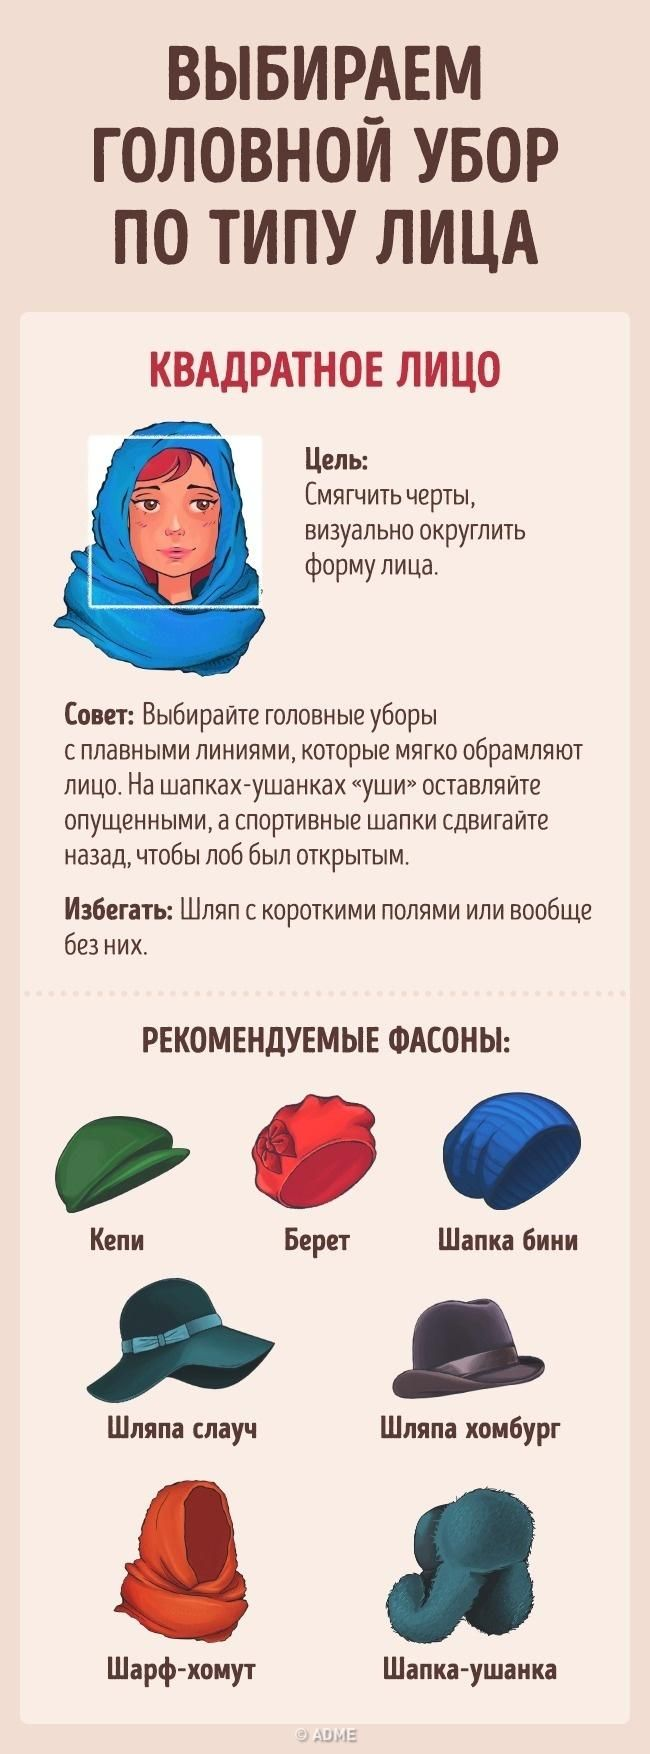 Для многих из нас головной убор — самый нелюбимый предмет гардероба...А как же -ведь он может внести неразбериху в образ и испортить прическу.Но если знать несколько секретов, то самая обычная спорт...